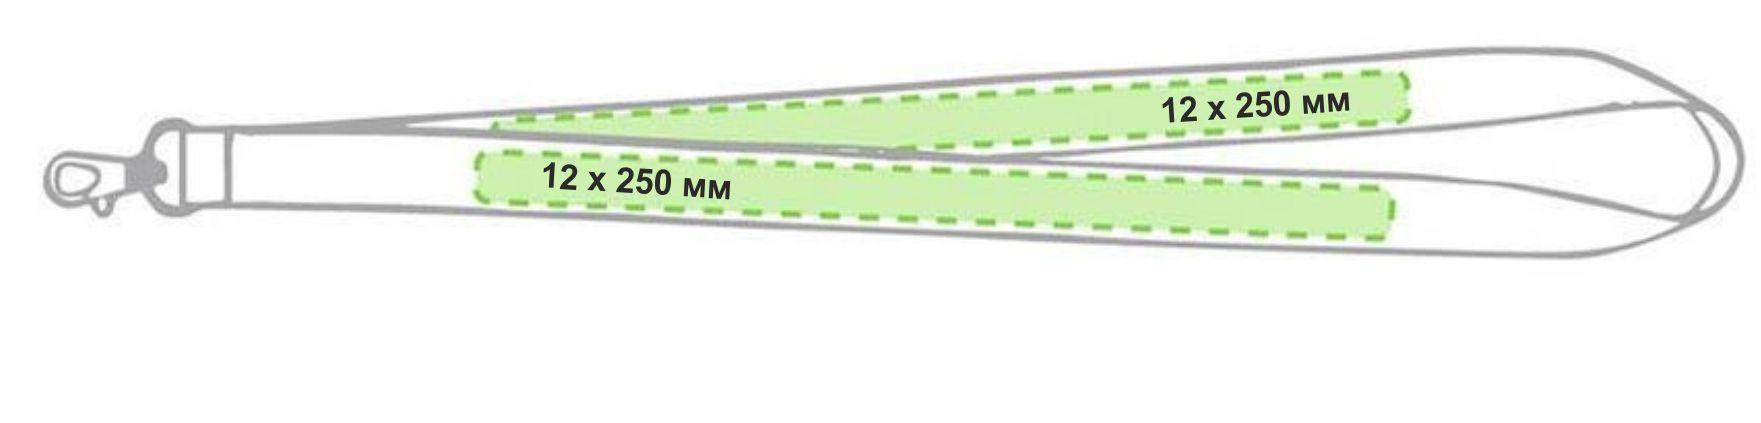 ленты для бейджей с логотипом